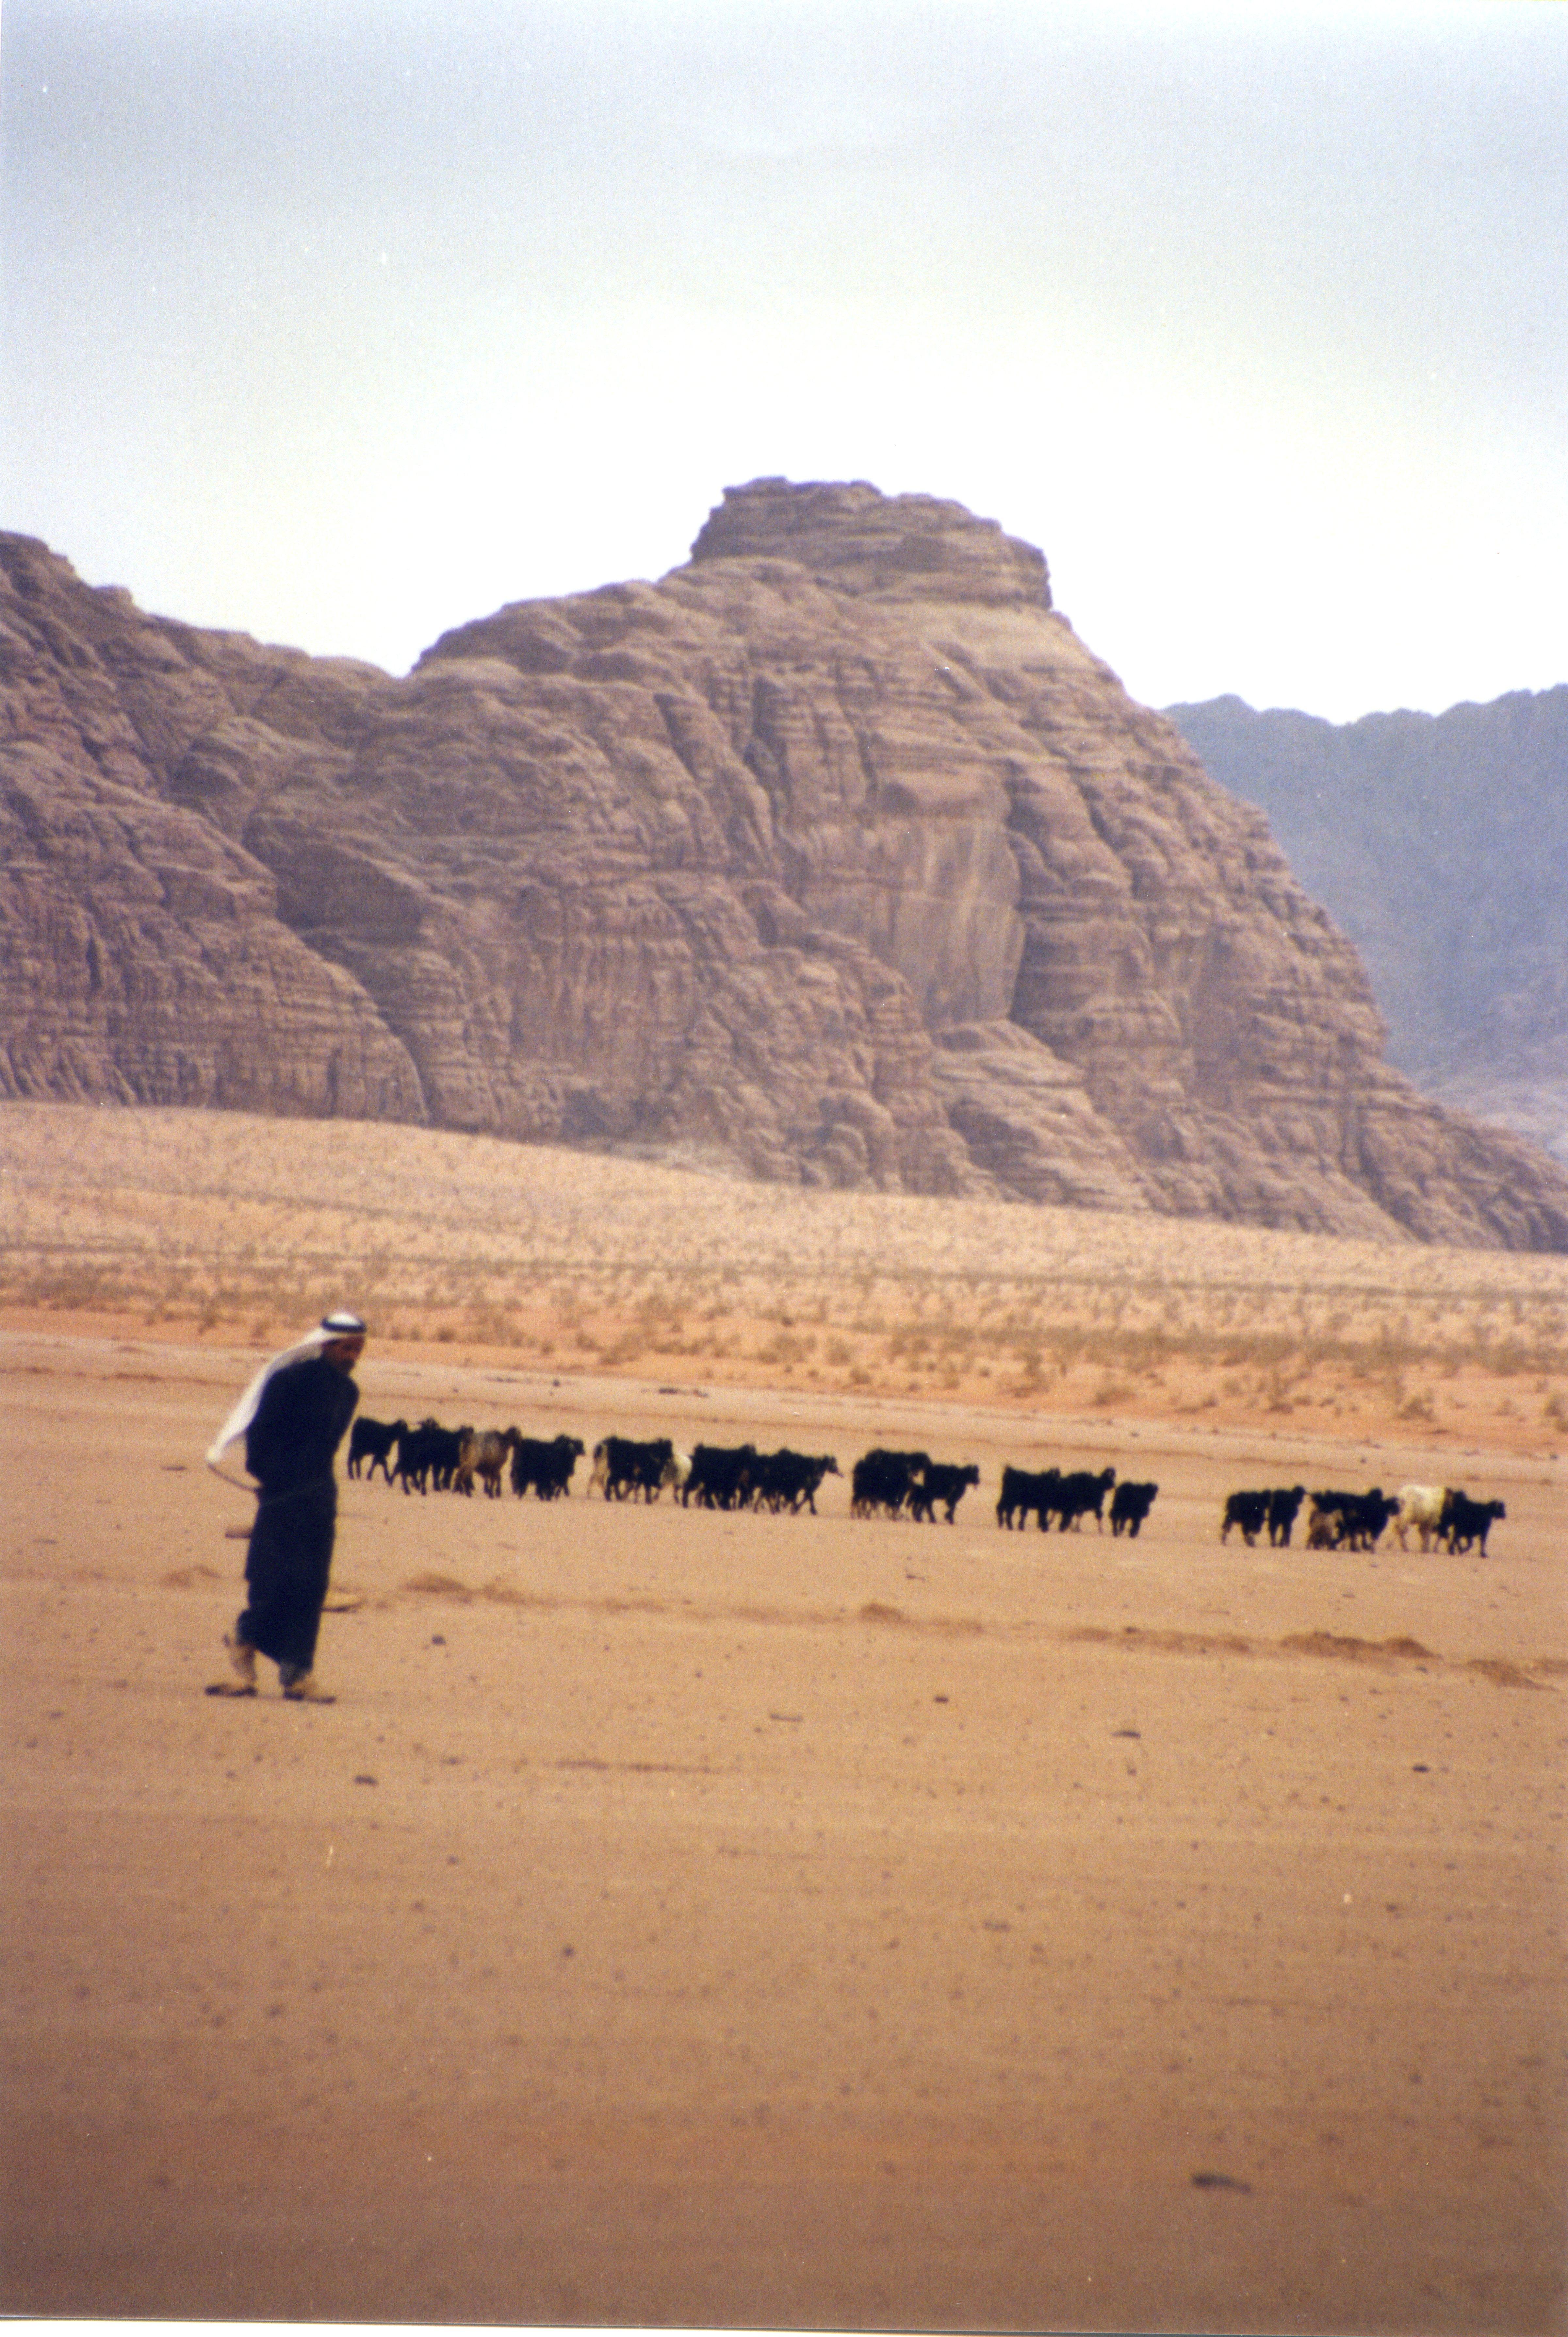 bedouin-with-livestock-Jordan